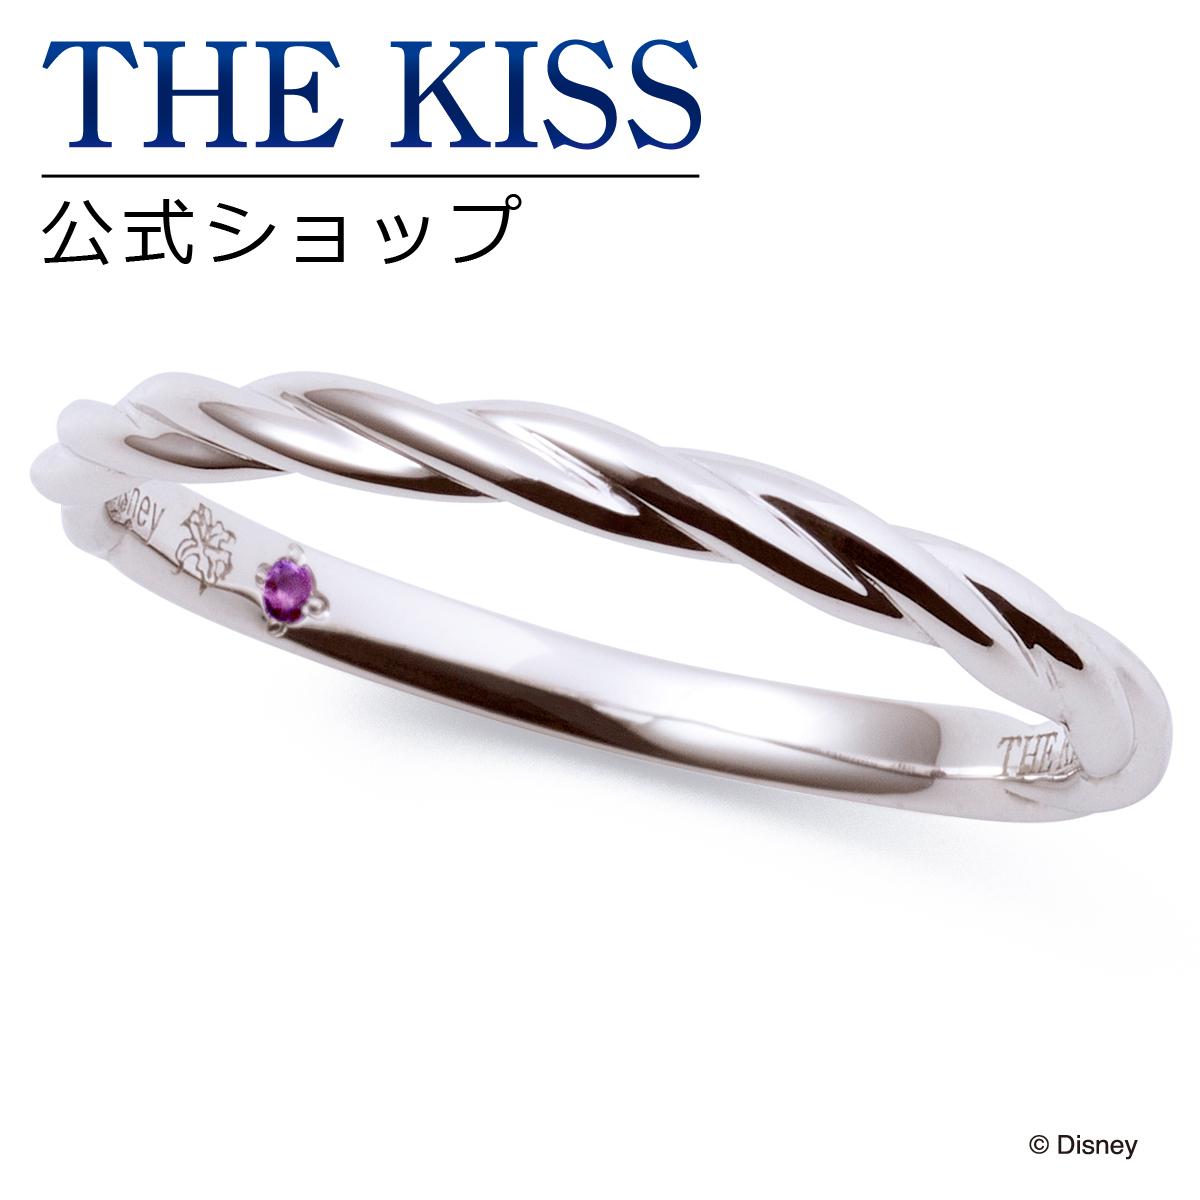 【あす楽対応】【ディズニーコレクション】 ディズニー / ペアリング / ディズニープリンセス ラプンツェル / THE KISS sweets リング・指輪 K10ホワイトゴールド (メンズ 単品) DI-WR2922AM ザキス 【送料無料】